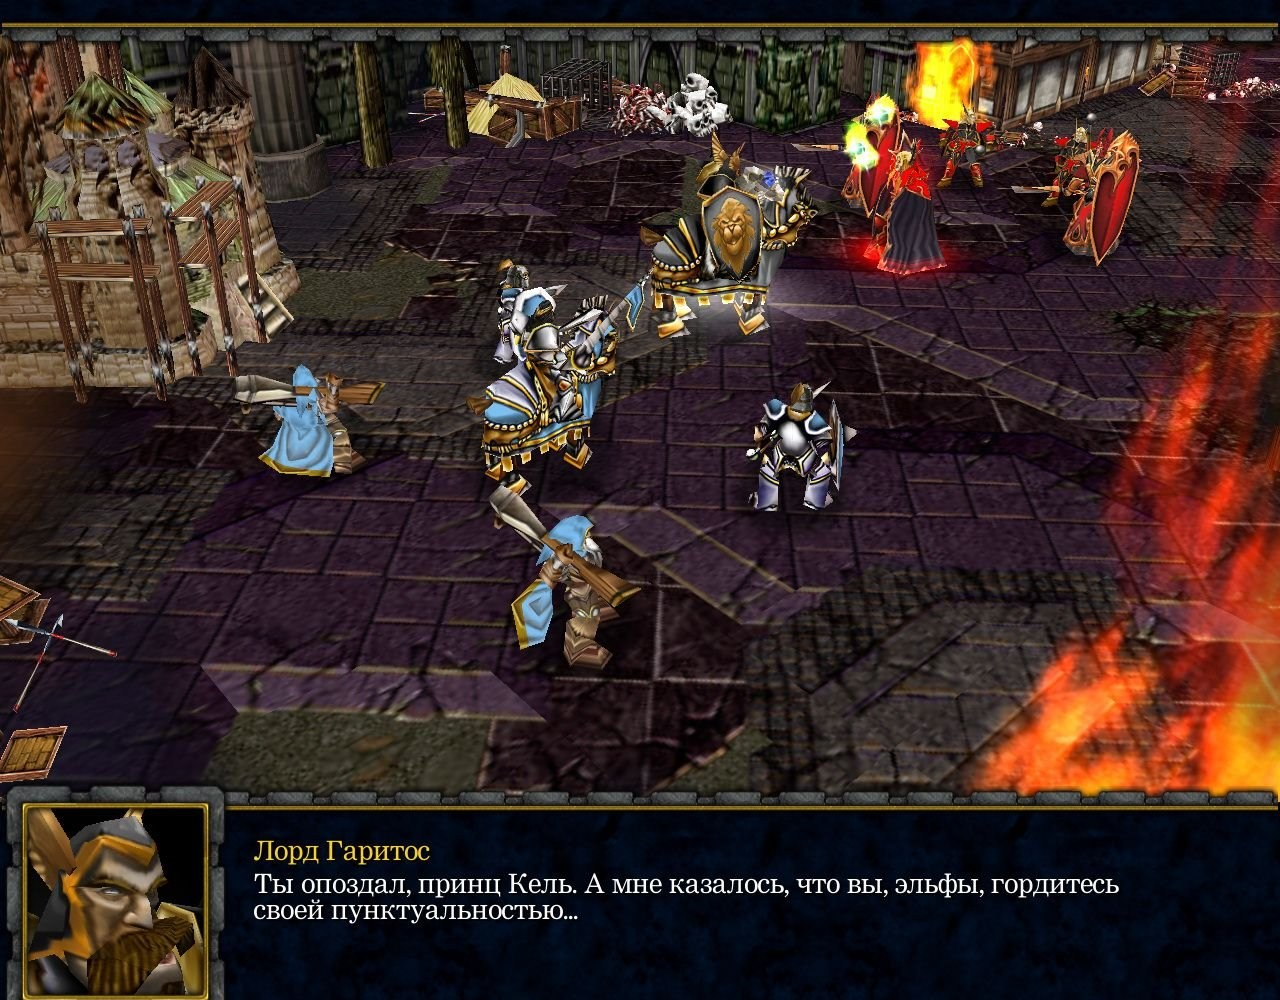 Warcraft 1 21b скачать патч - Новый сад. vengeance сэмплы скачать.